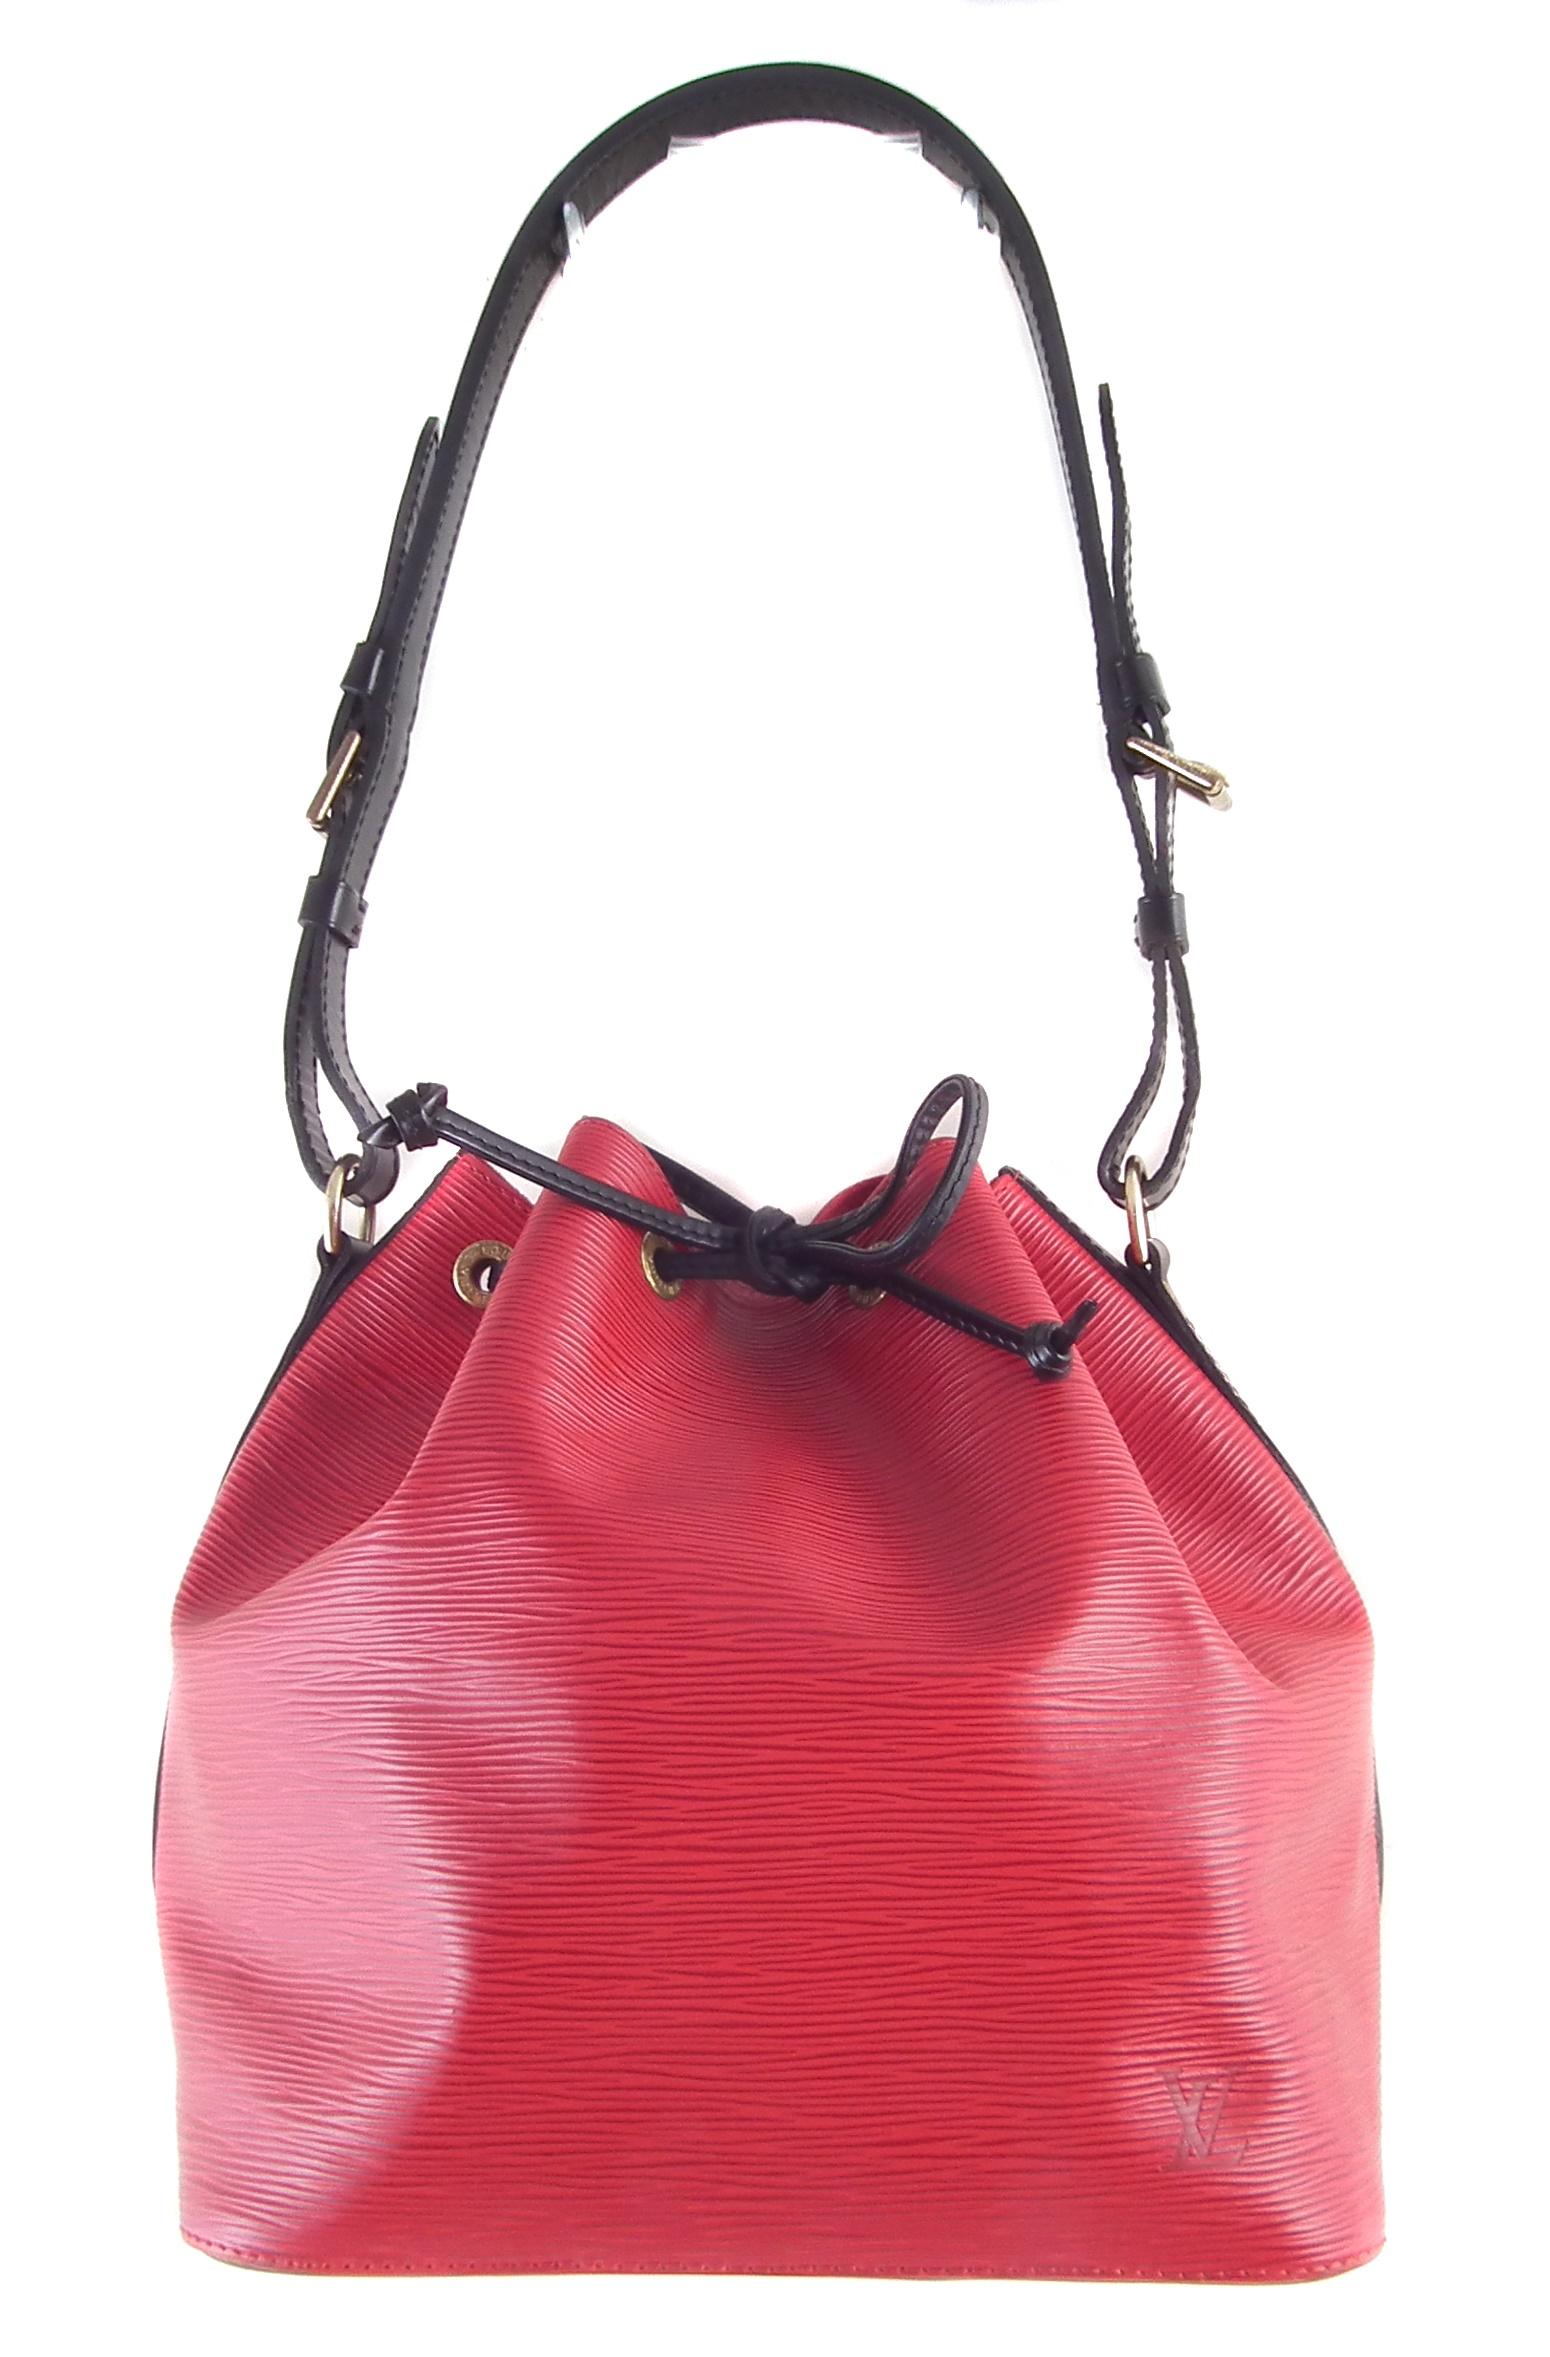 A Louis Vuitton Bicolour Epi Noé PM handbag